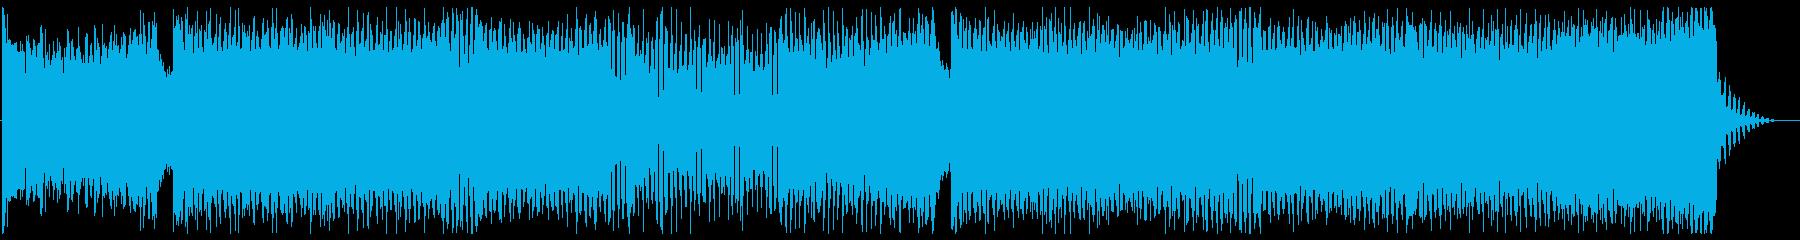 広告やVP用に前向きでパワフルなEDMの再生済みの波形